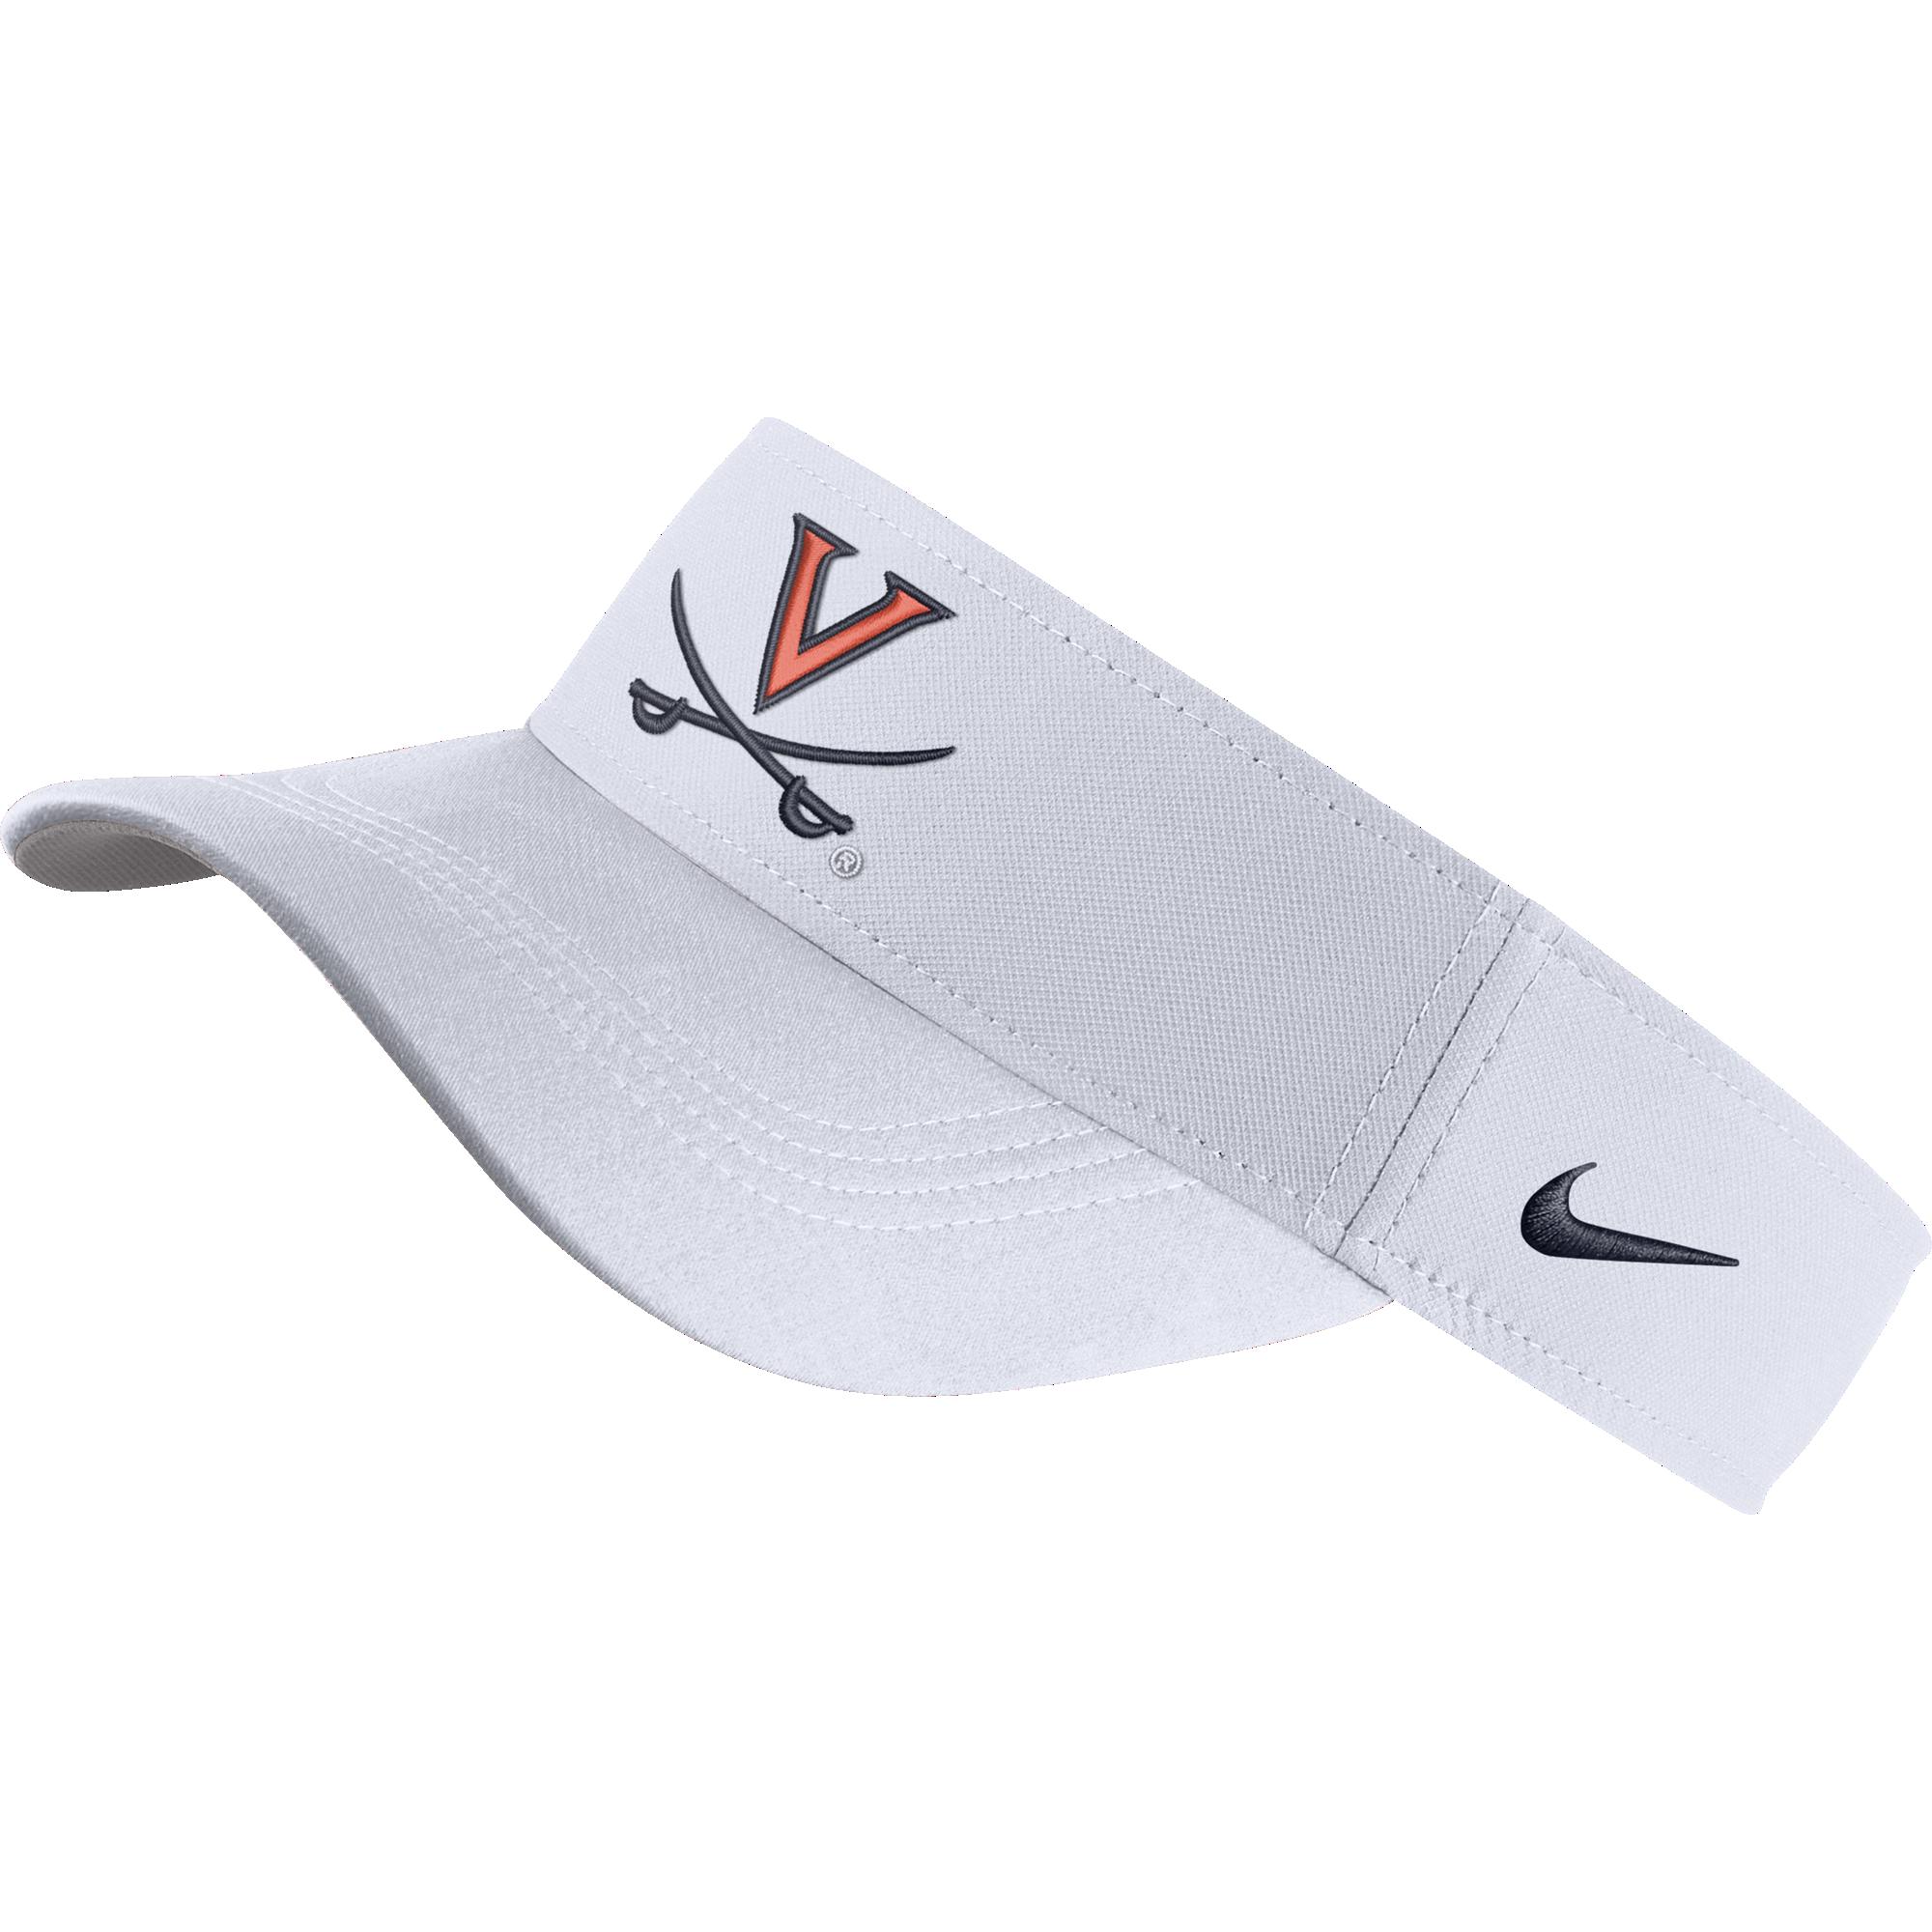 University of Virginia Nike White V-sabre Visor